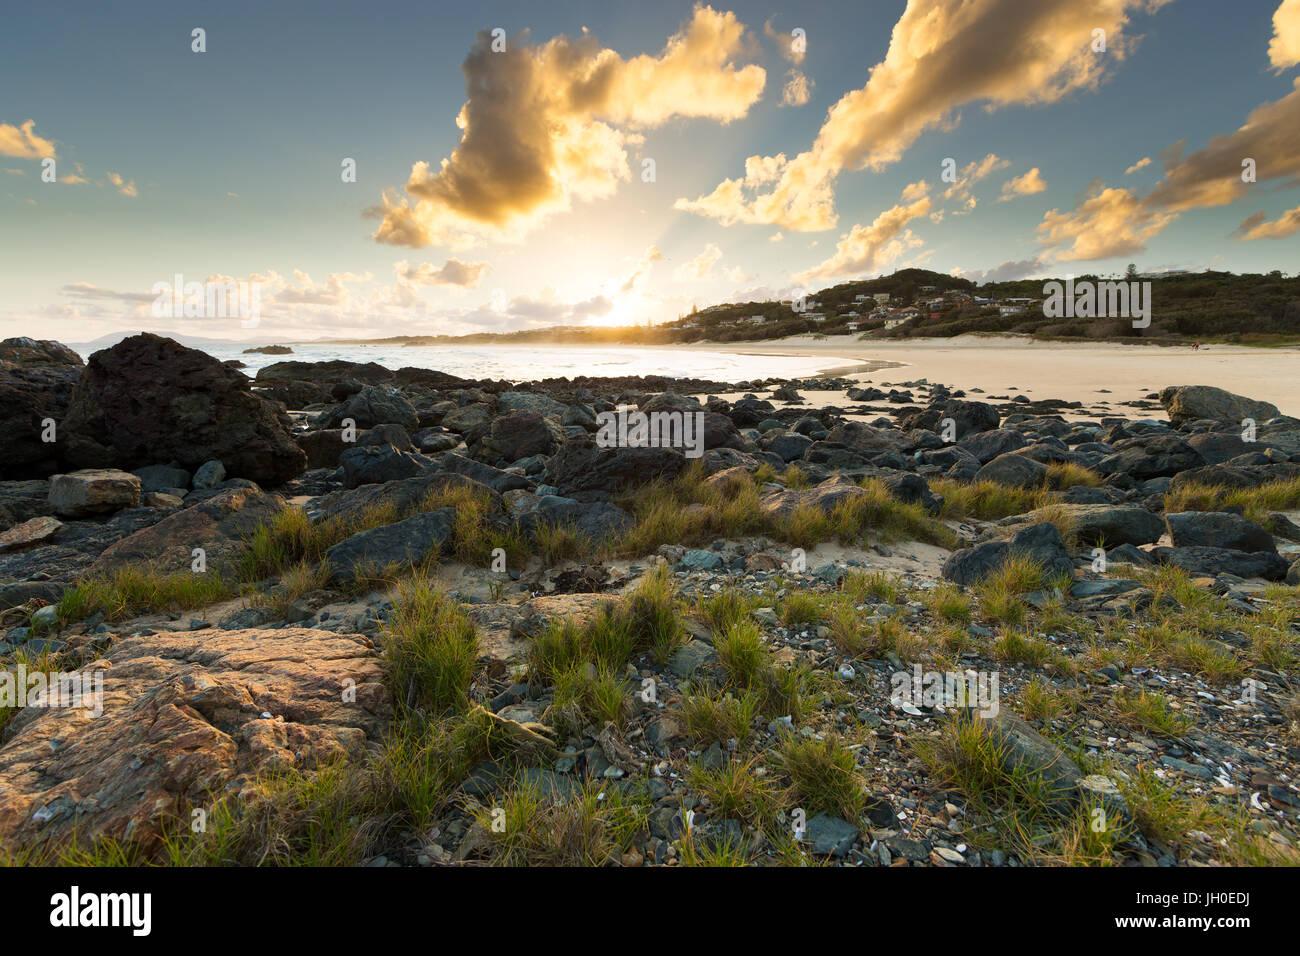 Il sole tramonta su una vivace scena di spiaggia in Port Macquarie, Australia, illuminando le nubi circostanti, Immagini Stock